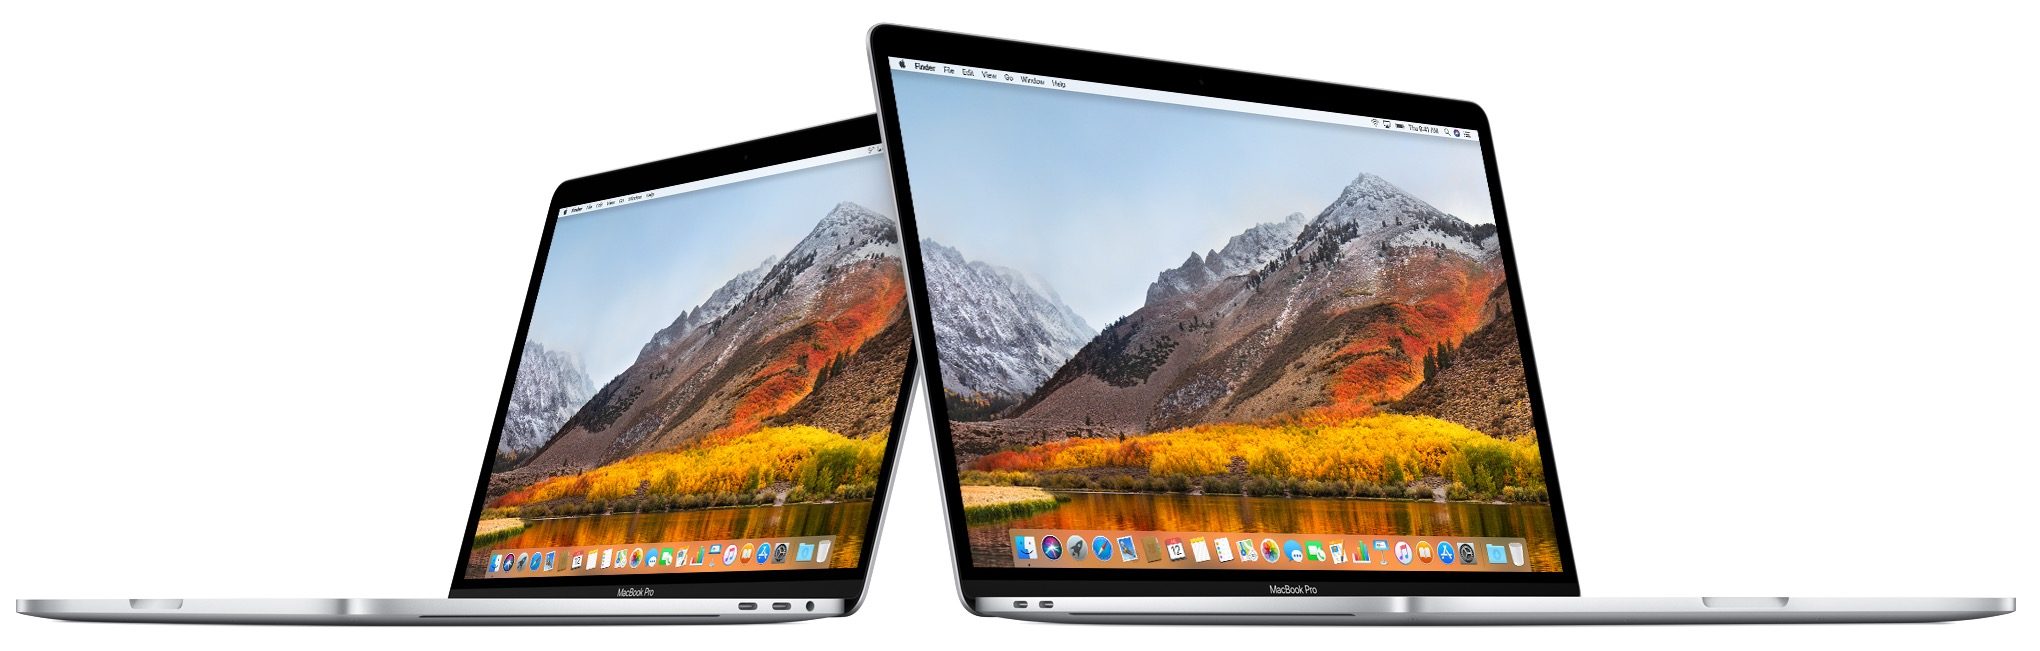 MacBook-Pro-2018-13-15.jpg